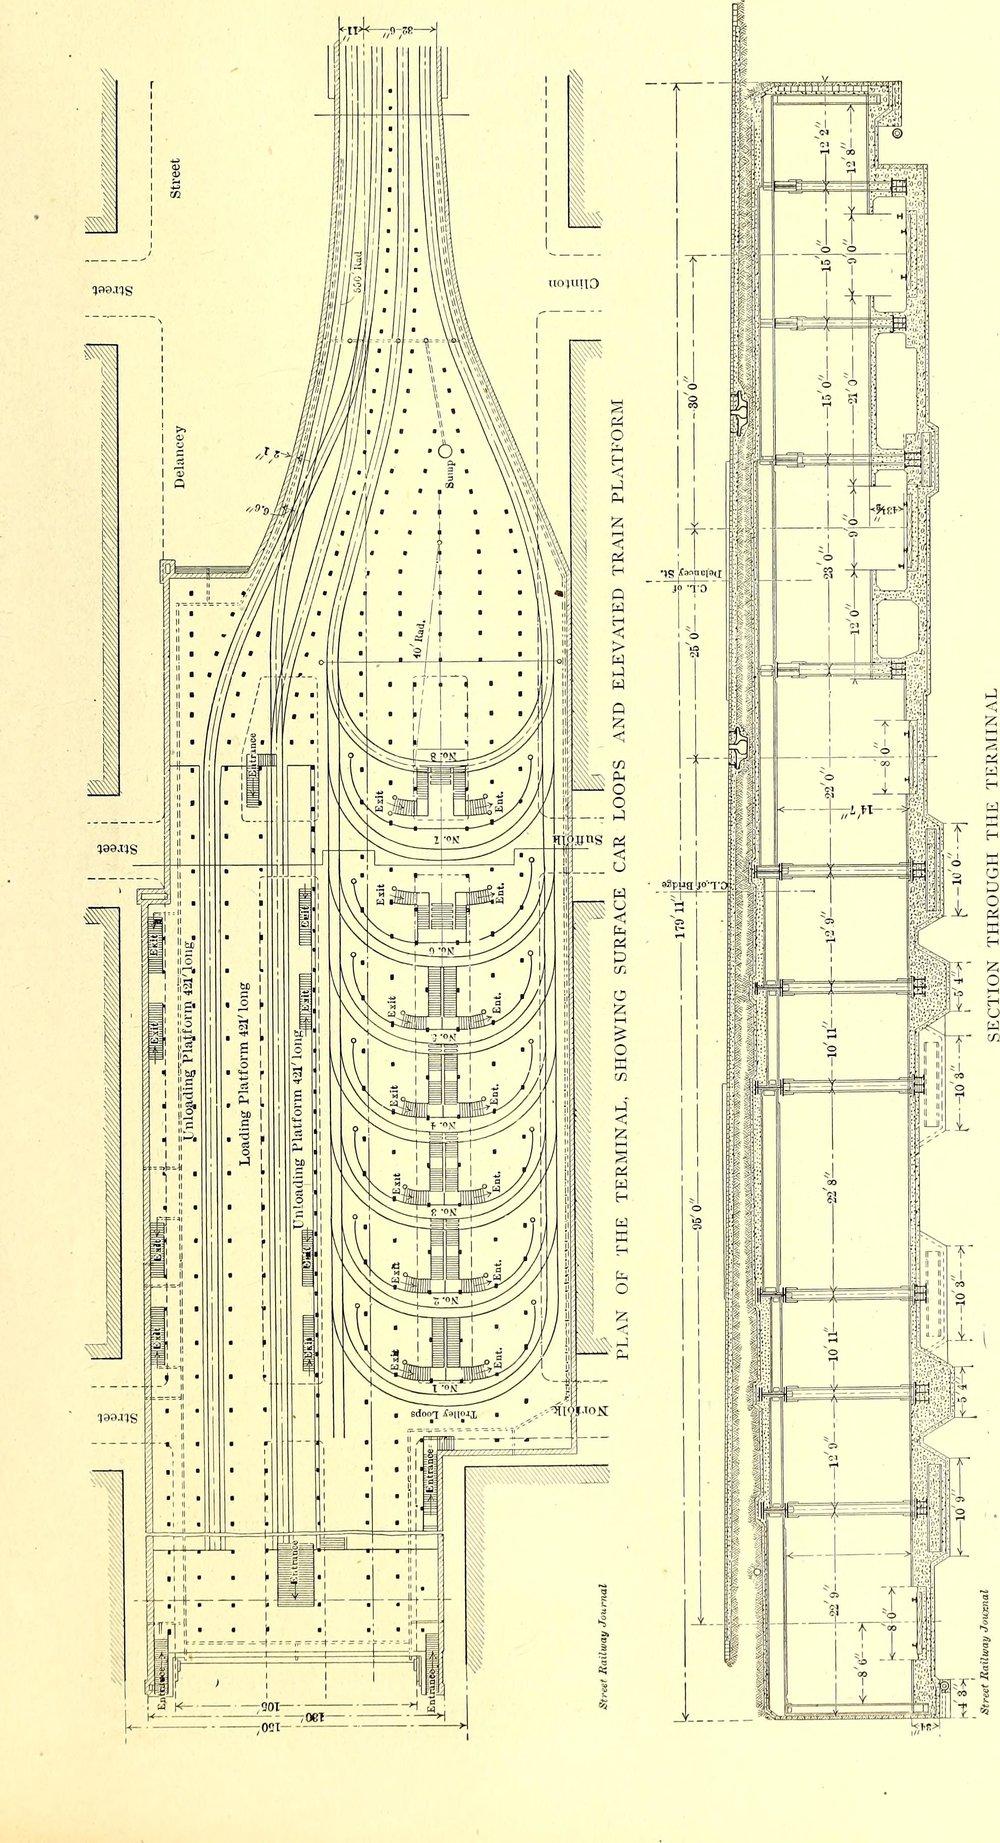 Schéma uspořádání smyček a nástupišť v podzemní stanici na Manhattanu. Na plánu je vidět i ukončení metra v levé části. V roce 1913, kdy bylo metro prodlouženo dále na Manhattan, musela být tato část terminálu upravena. Přecházet z tramvajové části do části s provozem metra nebylo možné bez toho, že by se lidé vypravili nejprve na povrch.